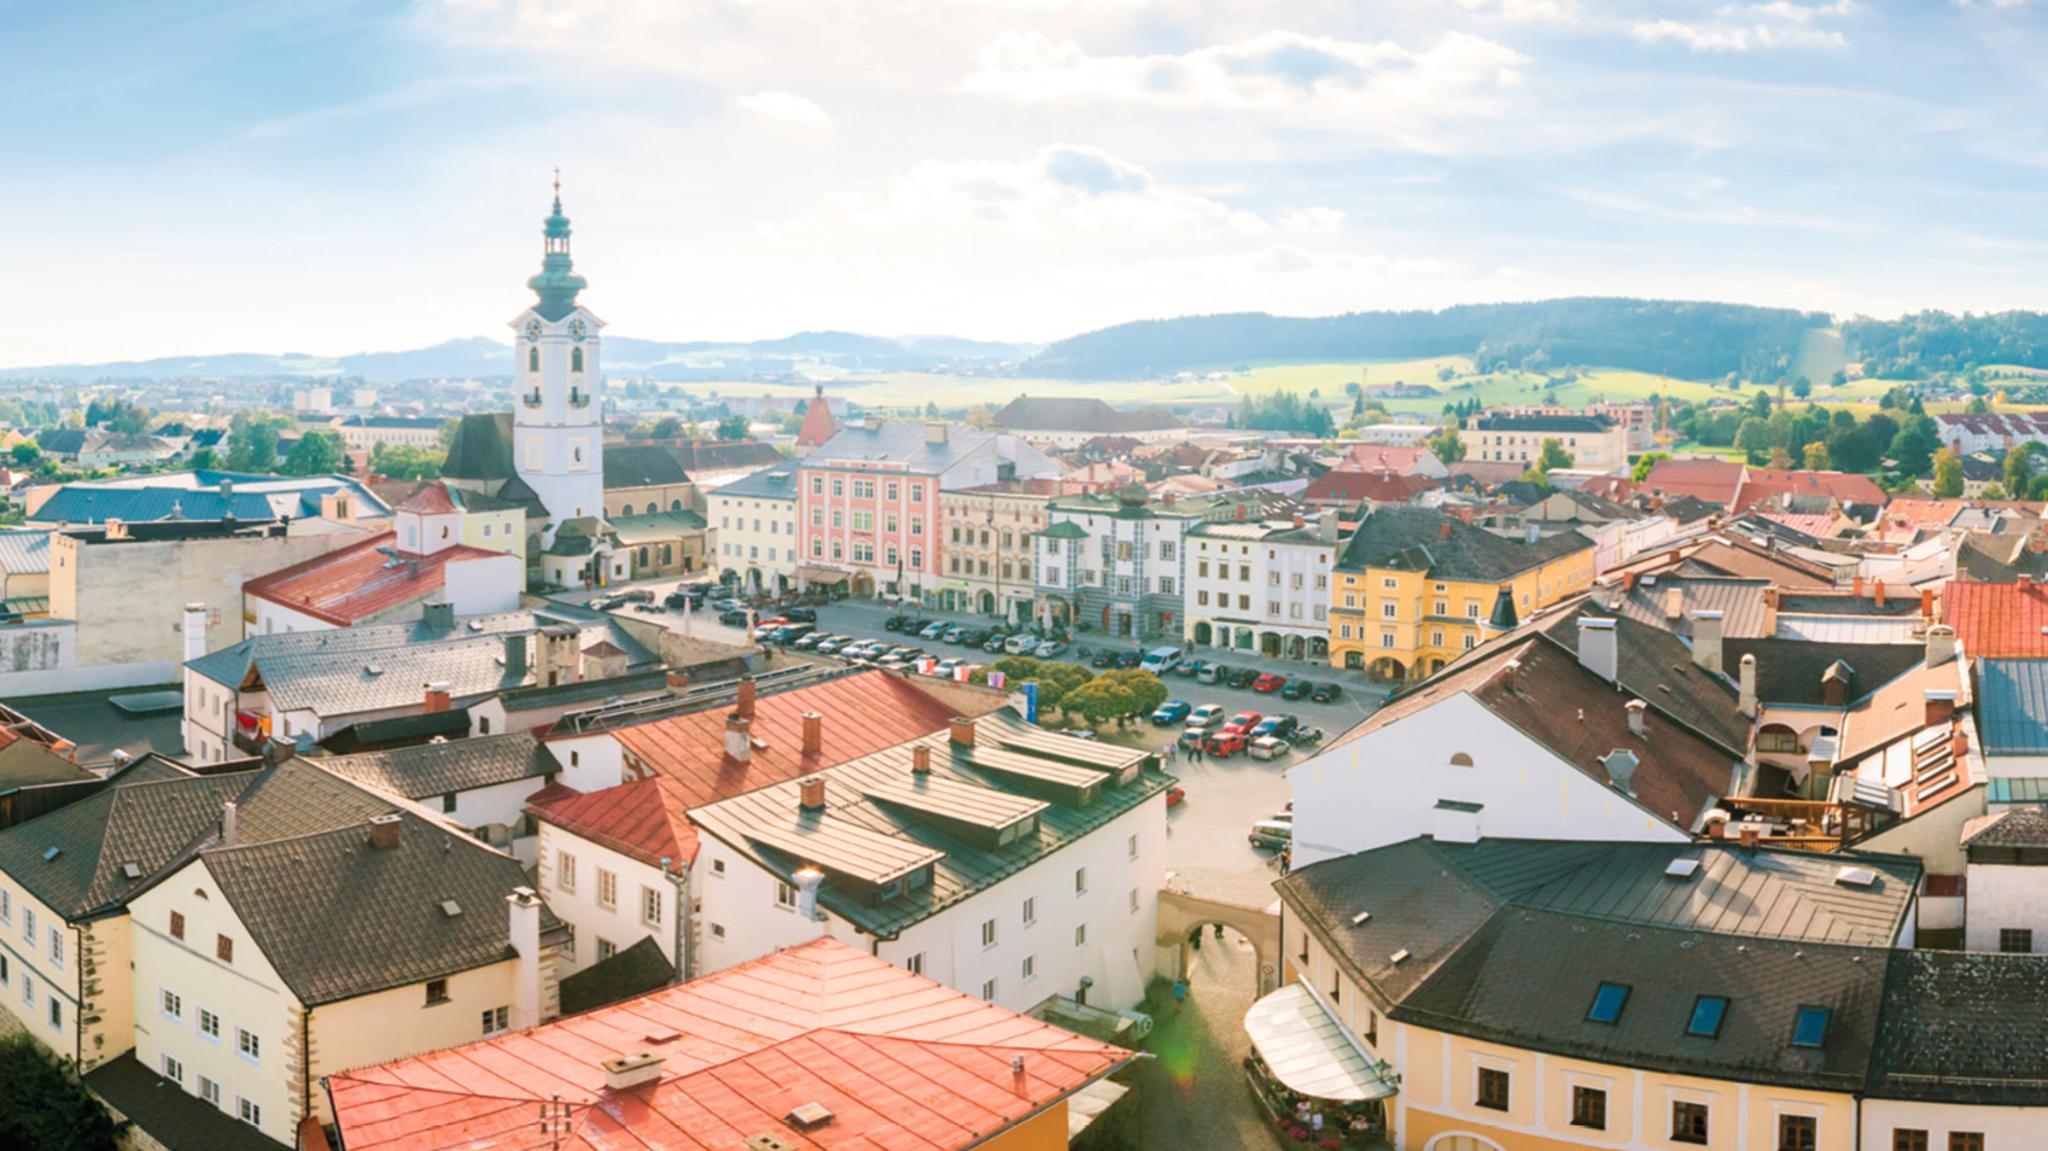 Wartberg ob der Aist, Austria Events Next Week | Eventbrite